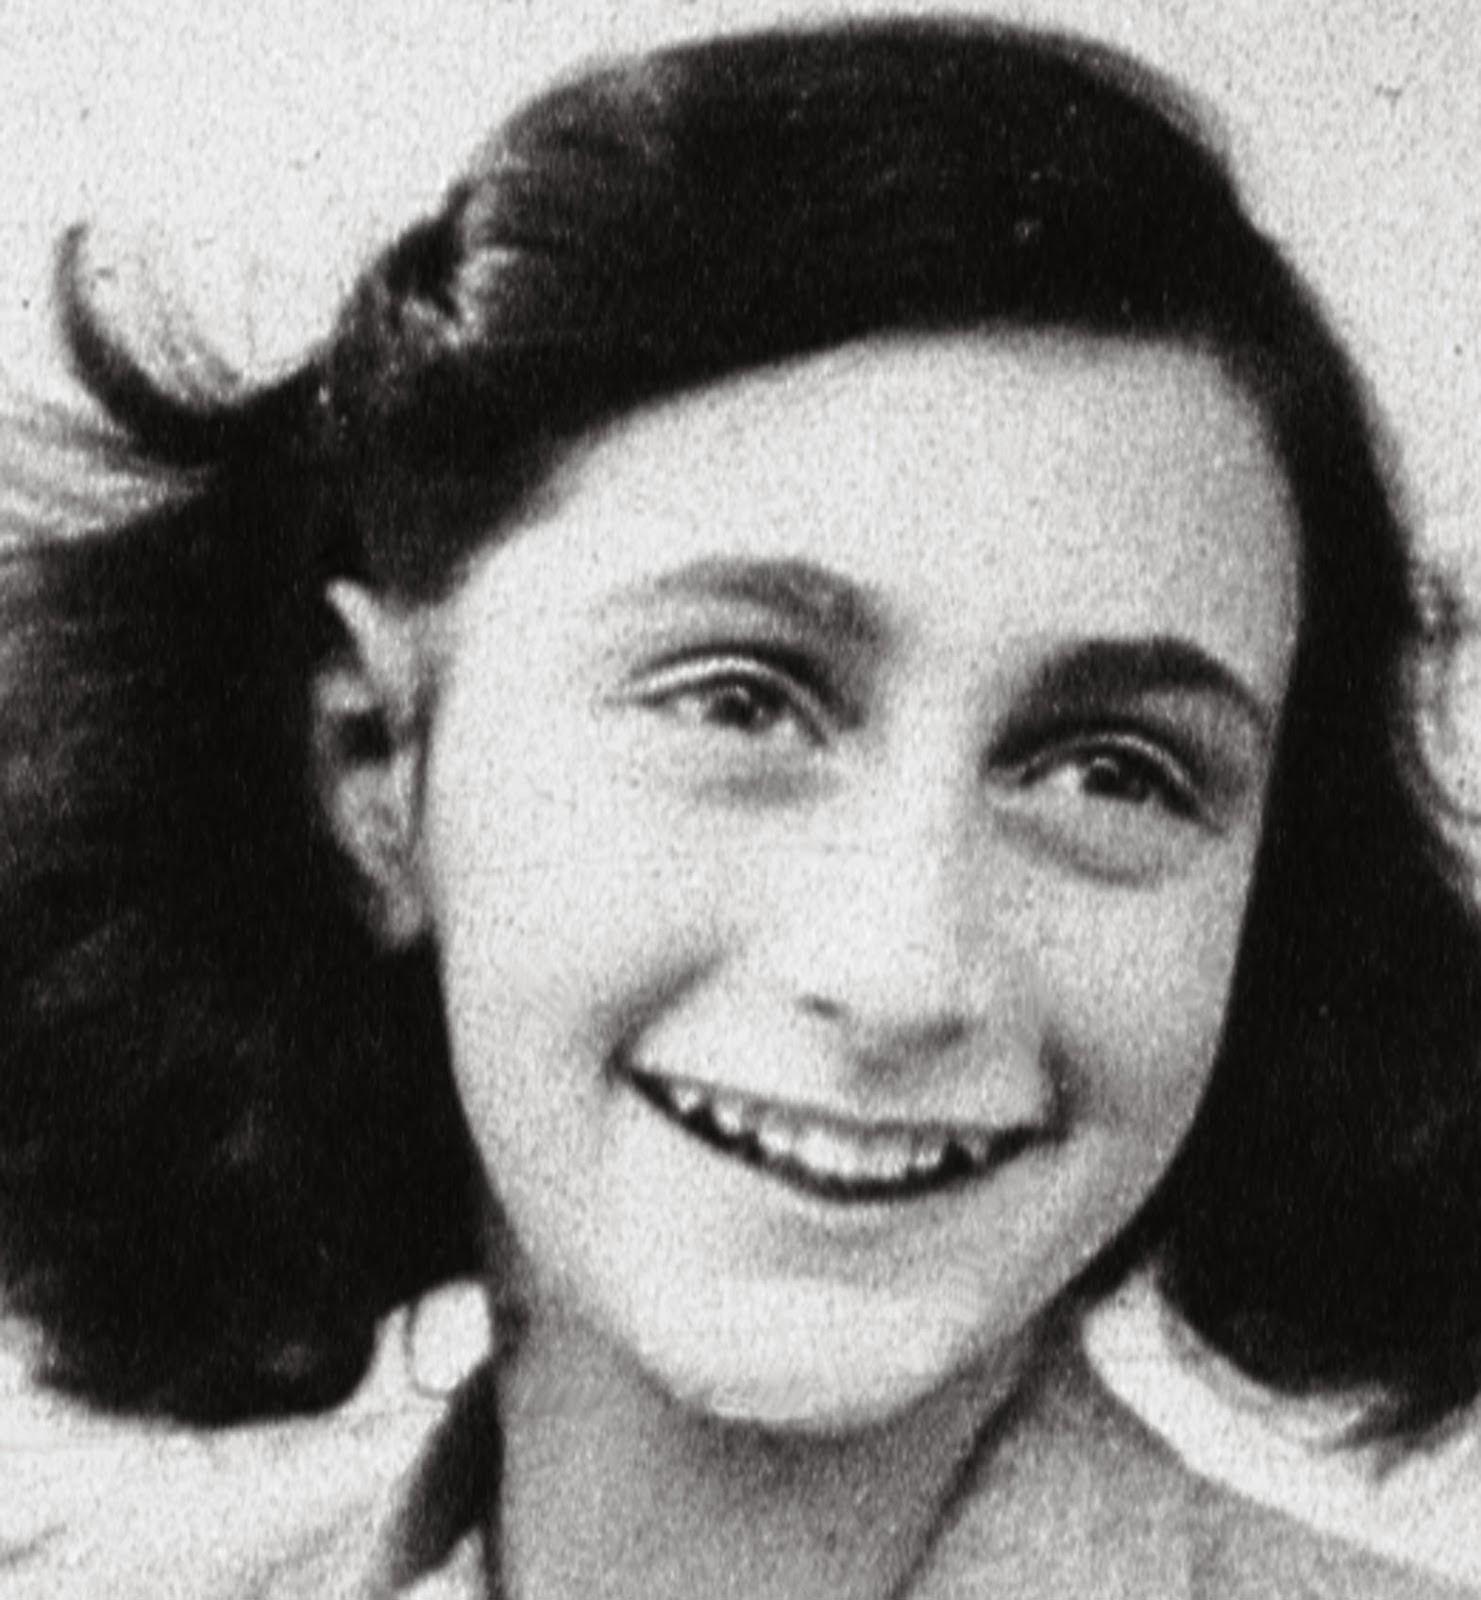 http://www.annefrank.org/en/Anne-Frank/